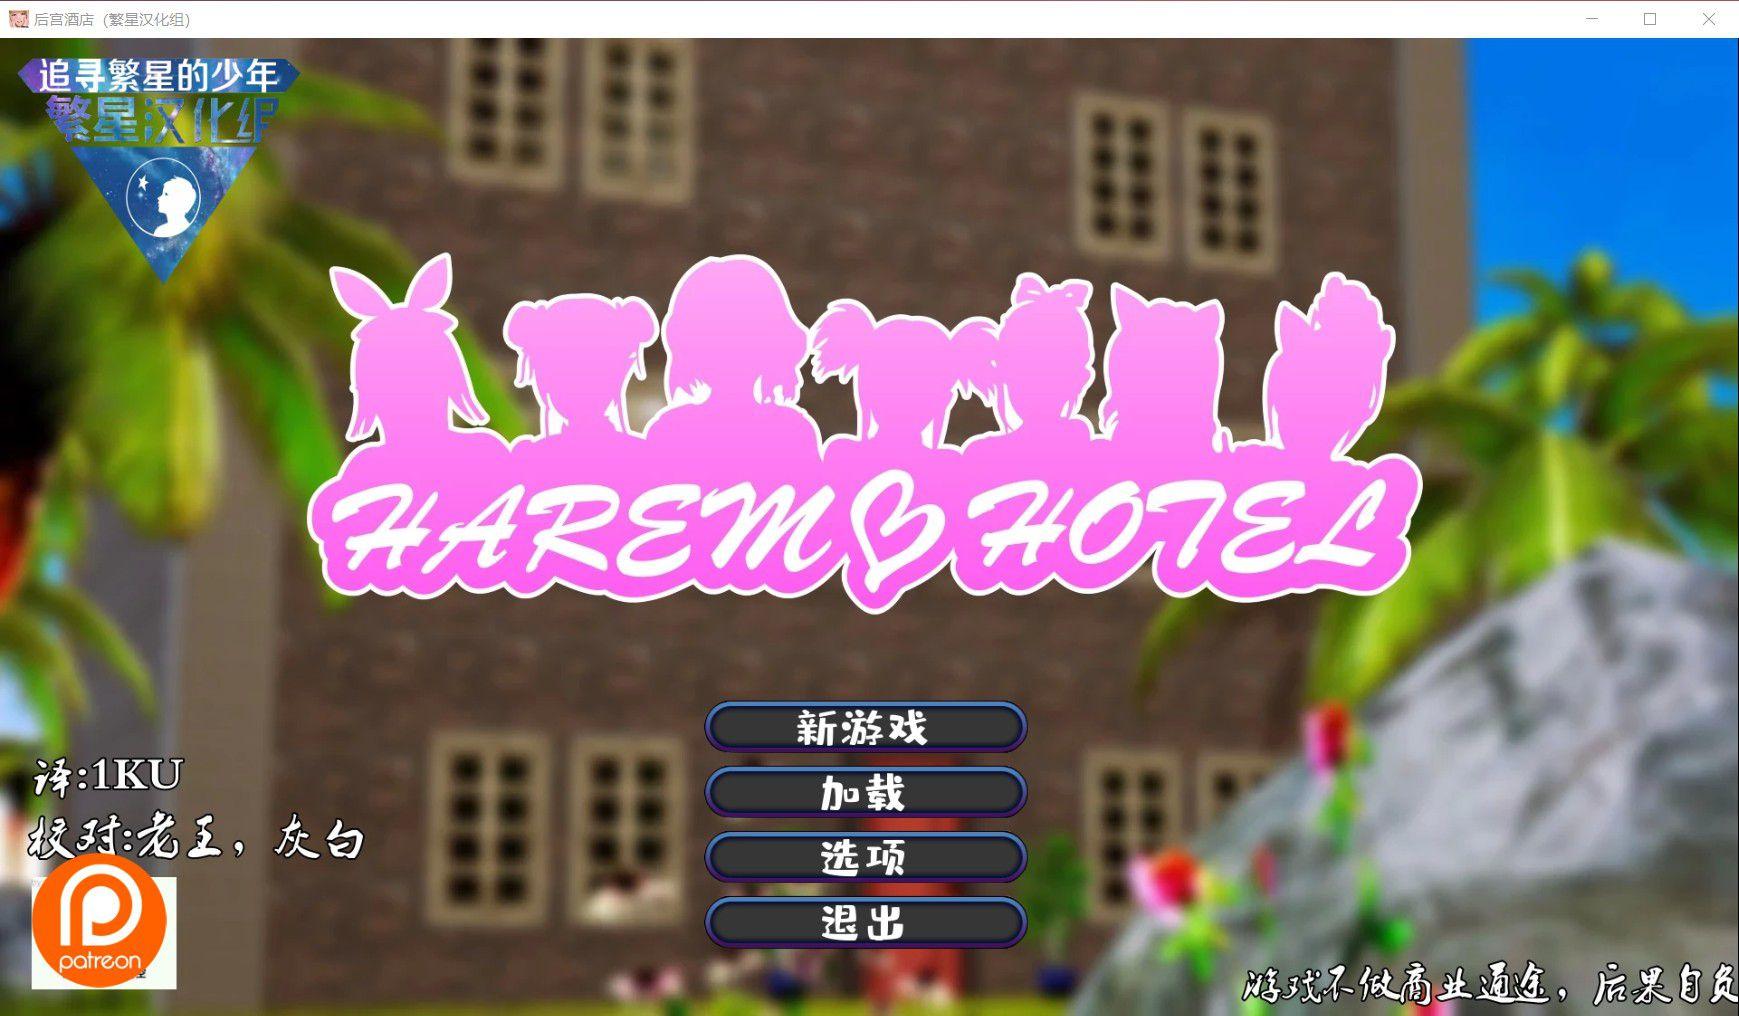 后宫大酒店 V0.80 汉化版+礼包码+全CG【09-14-05/SLG/汉化/动态CG/PC+安卓】【6G】